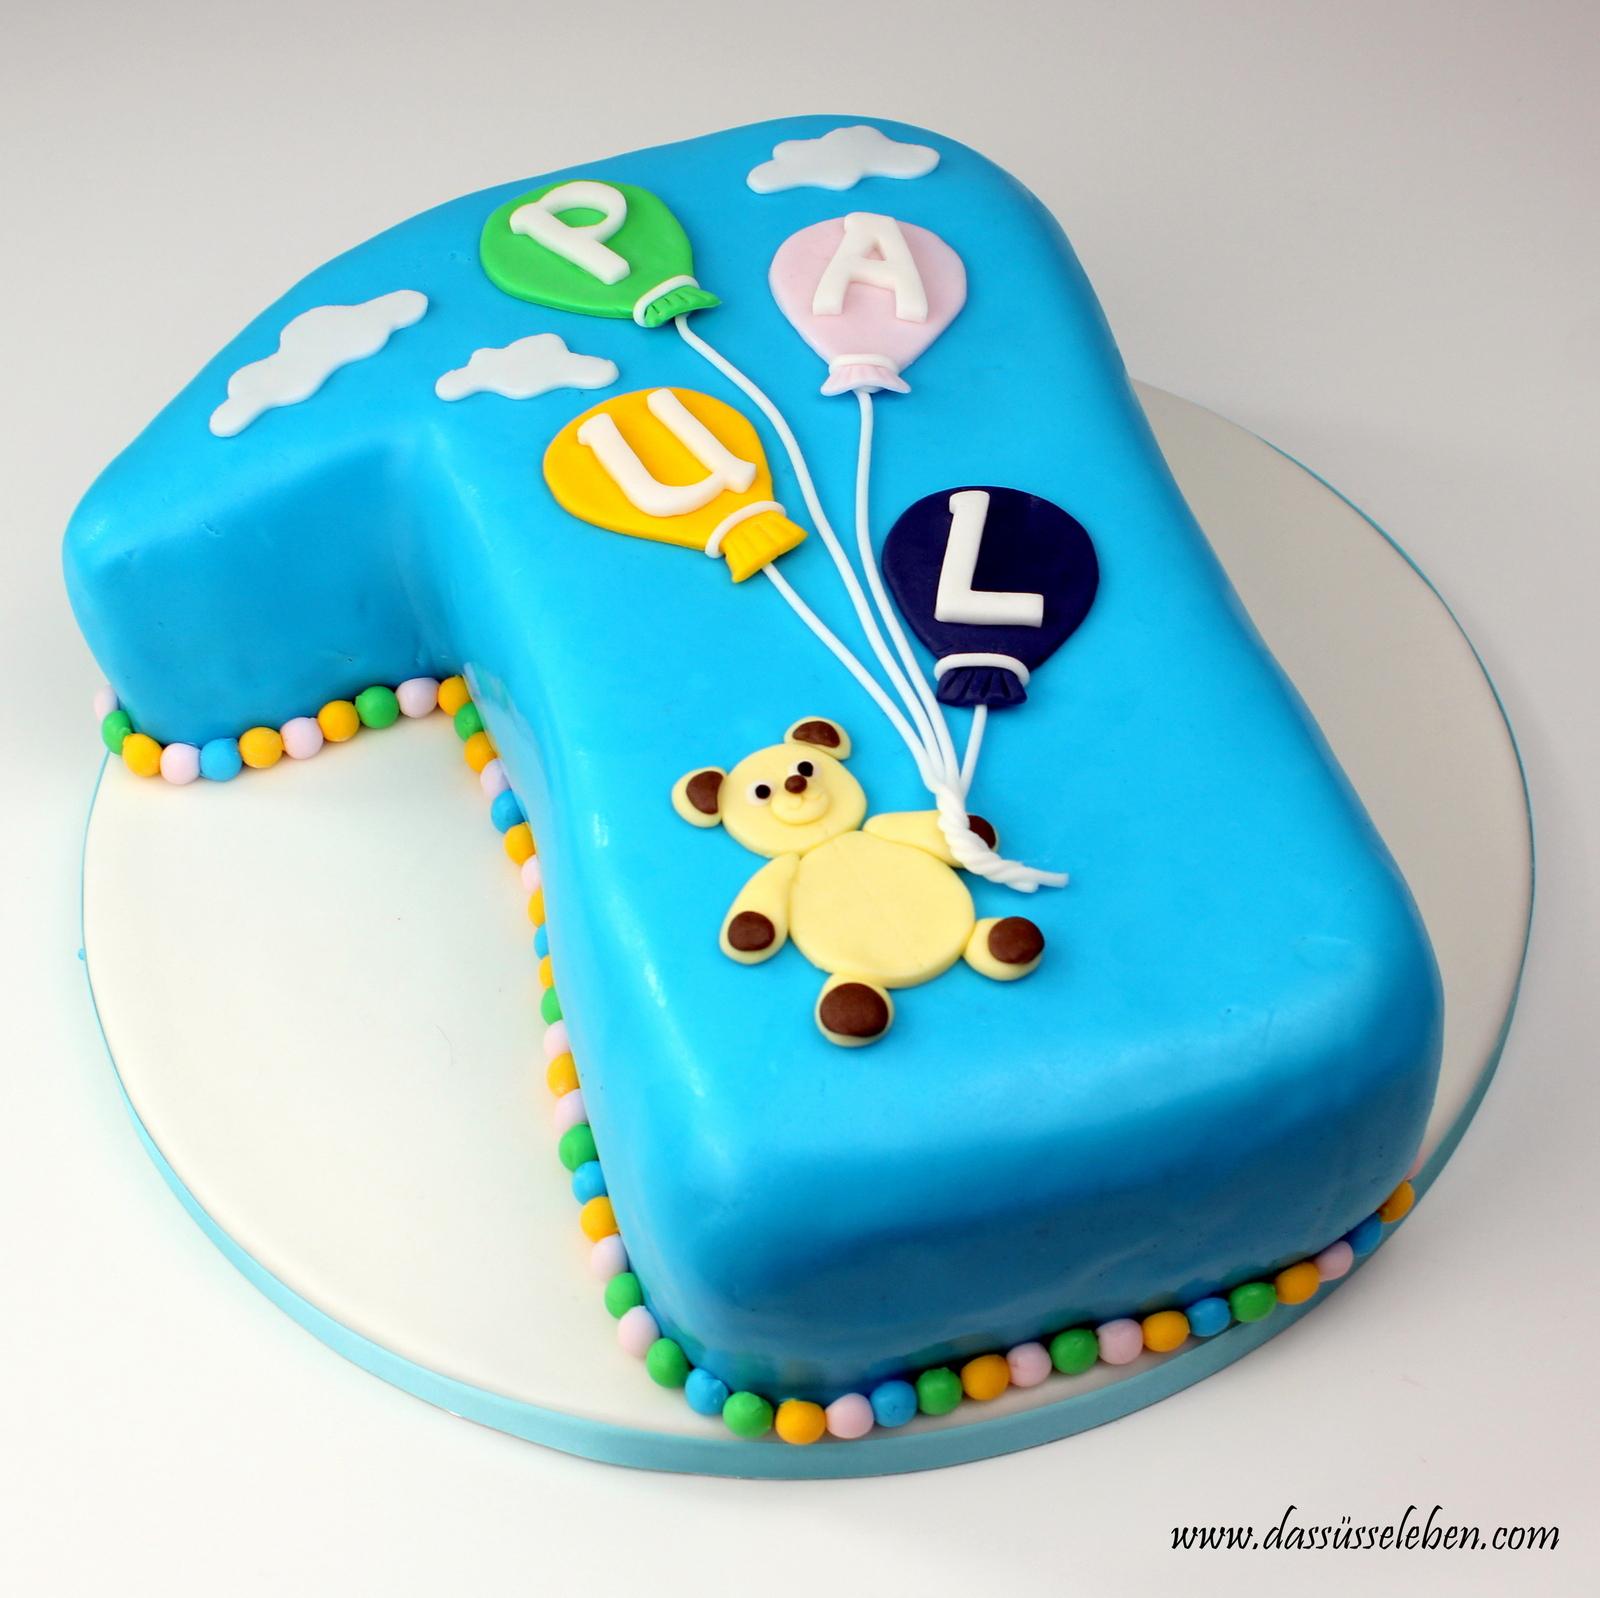 Rezept Torte Zum 1. Geburtstag   Das Süße Leben verwandt mit Geburtstagstorte Zum 1 Geburtstag